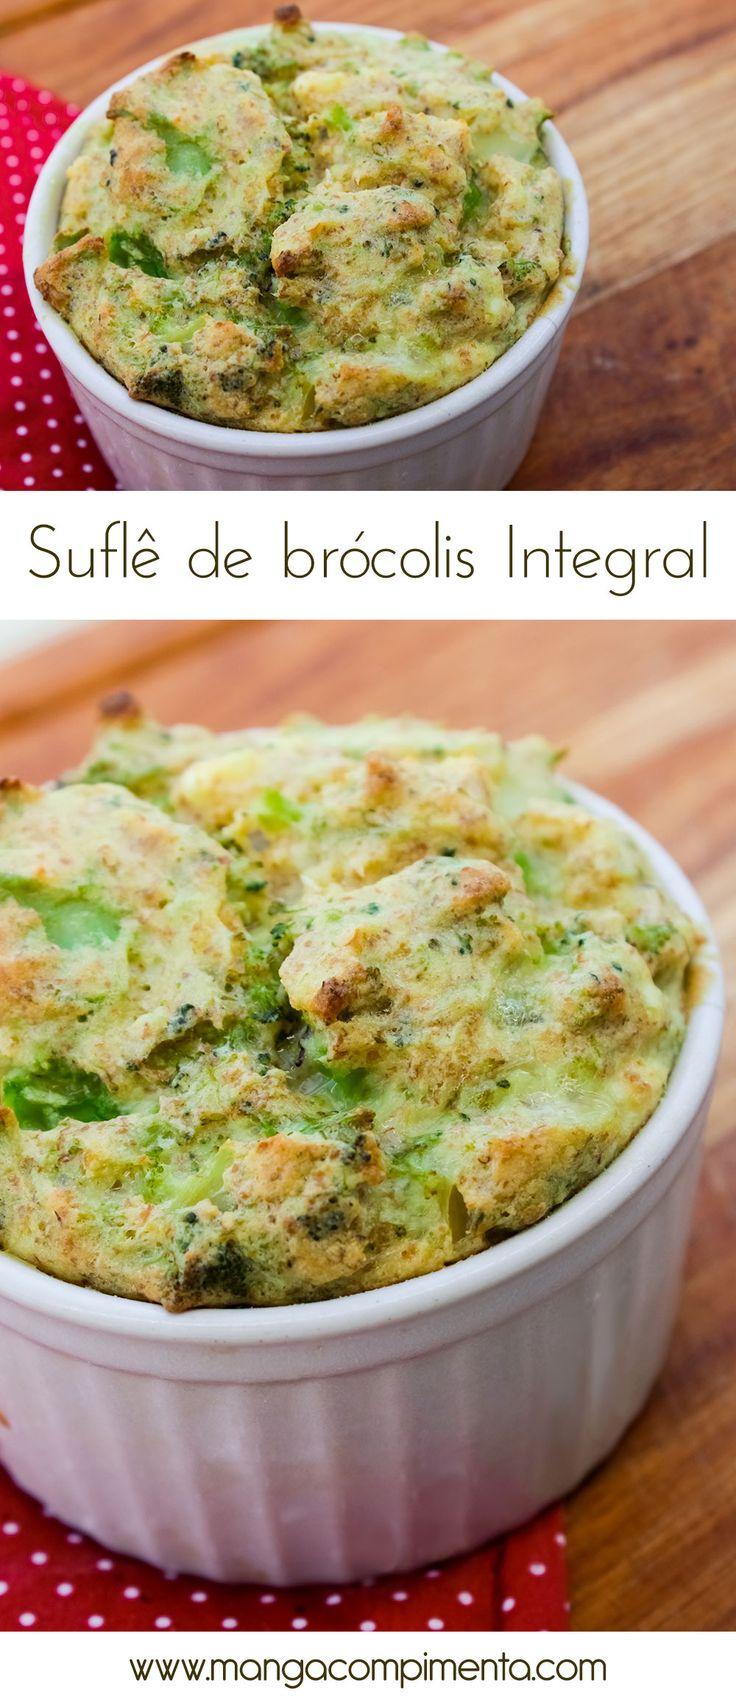 Receita de suflê de brócolis Integral #receitas #integral # brócolis